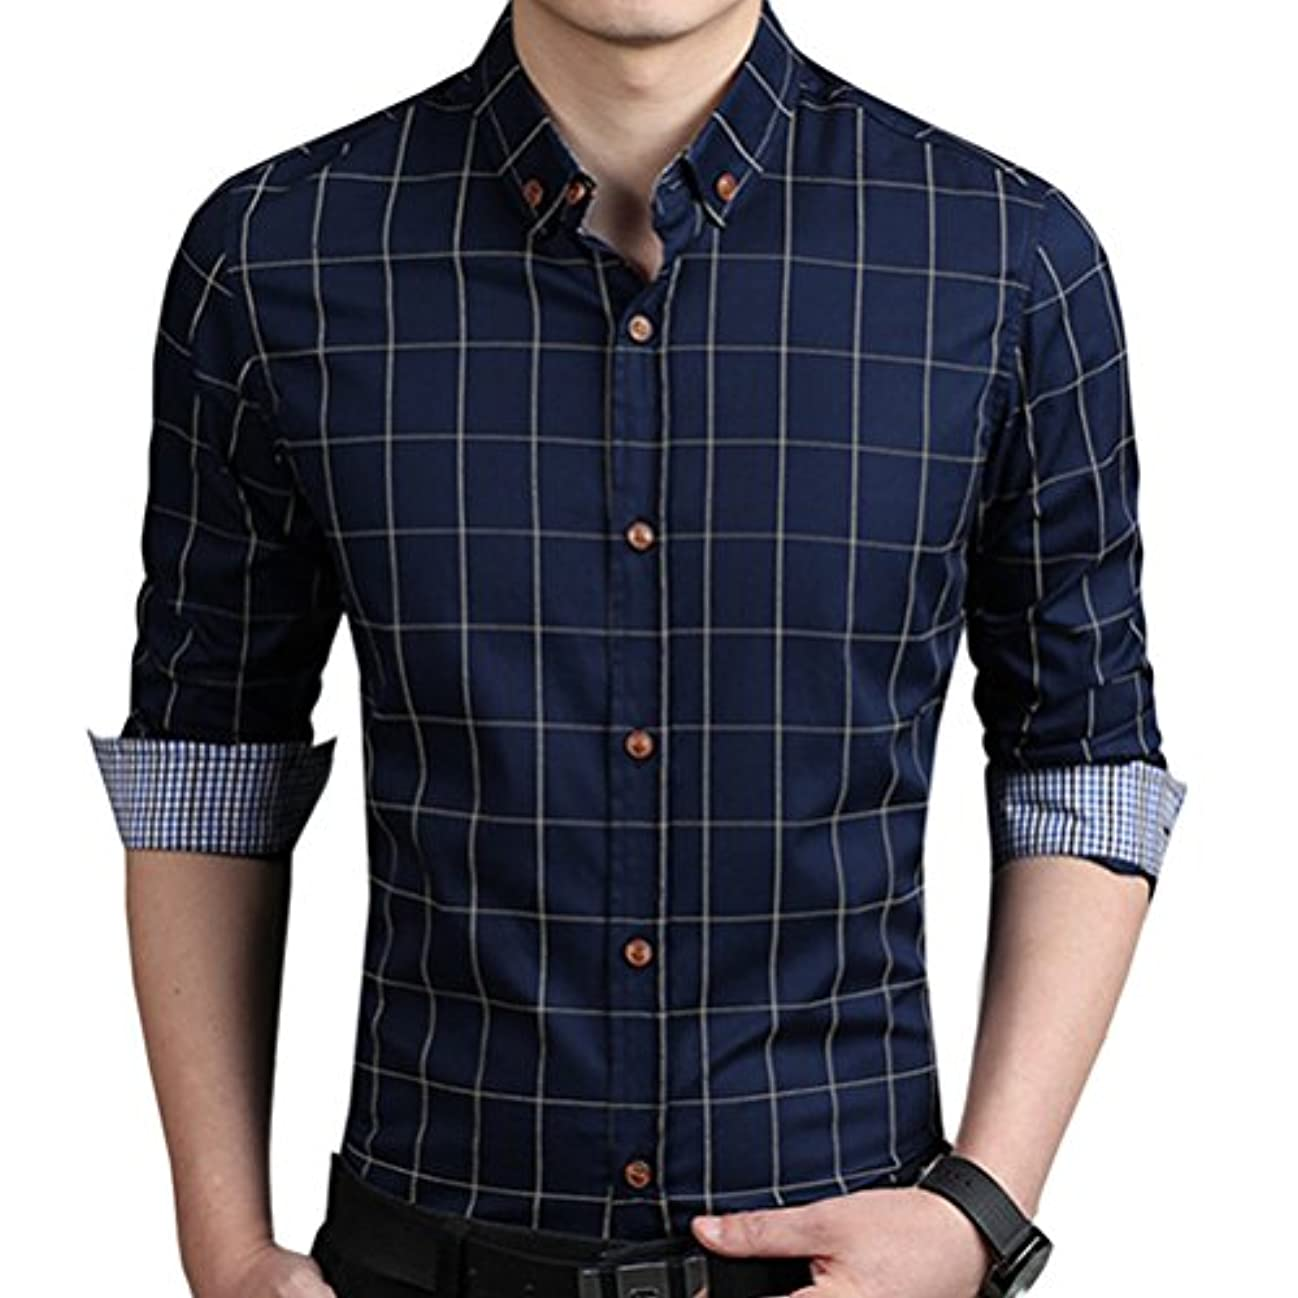 抽出拘束するコンペ輝姫 ブラウス  チェック柄  折り袖 長袖  ボタン  メンズ  シャツ カジュアル  ビジネス  スリム ファッション (L, ネイビー)